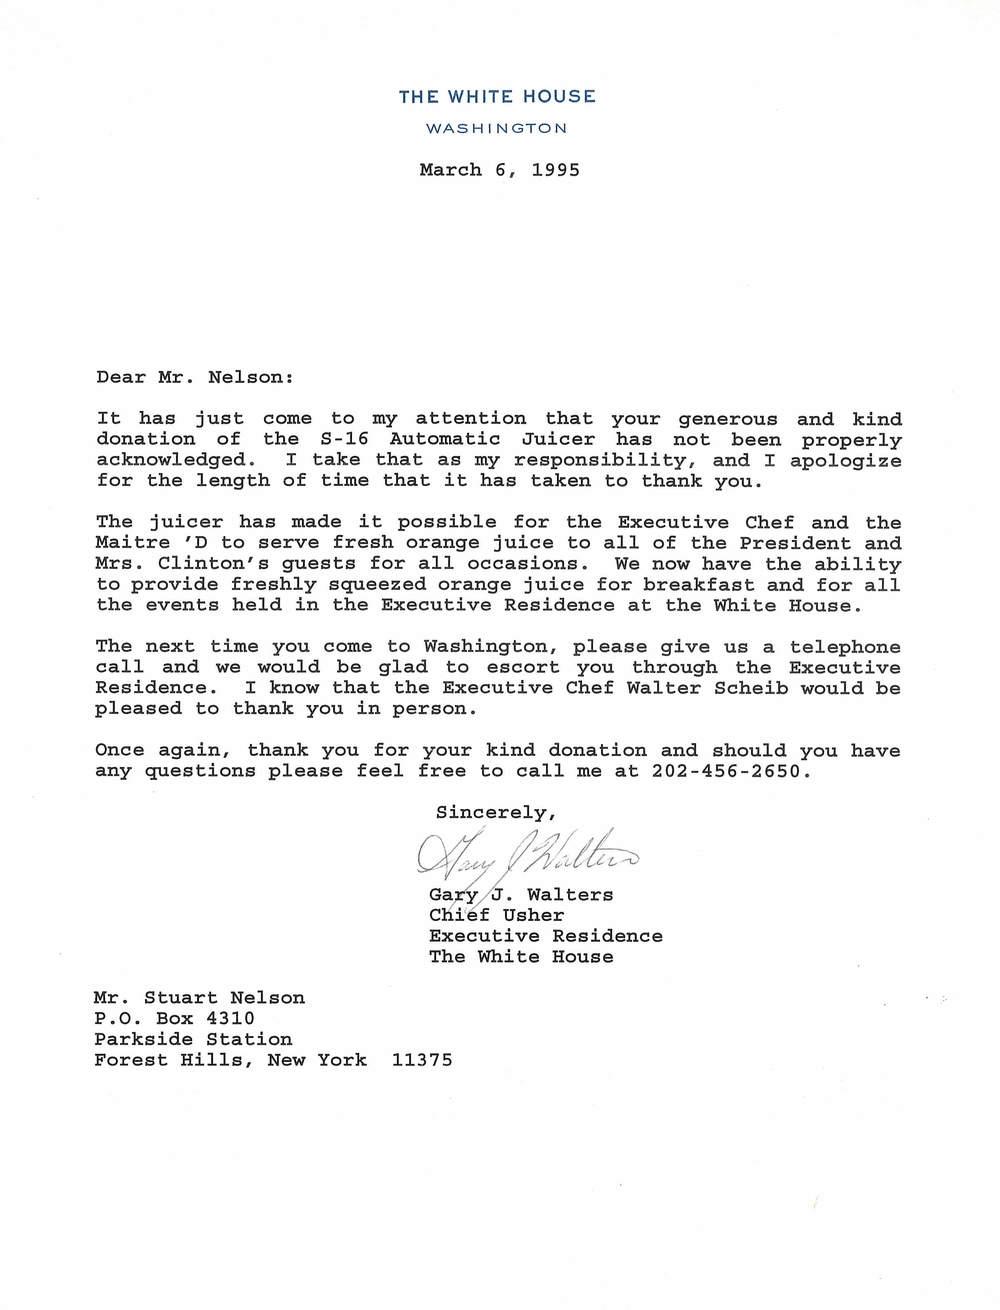 presidentialletter.jpg